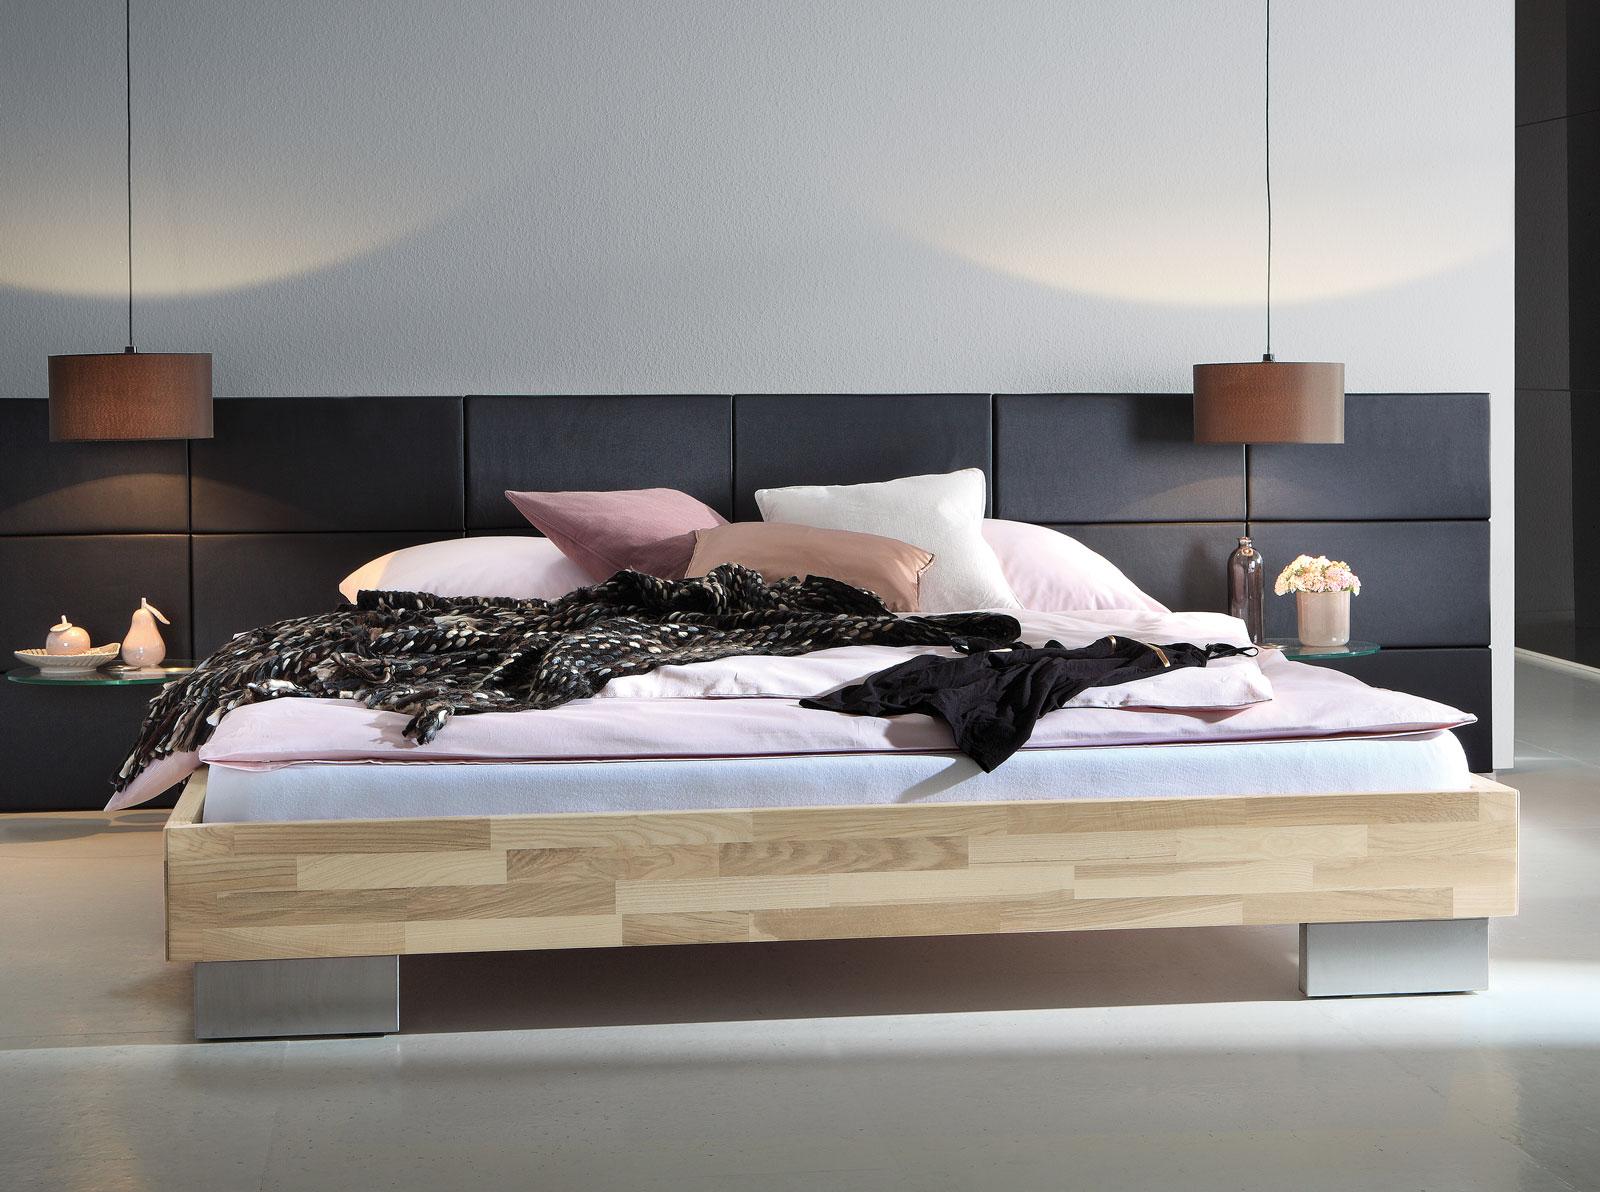 Der moderne Schlafzimmertyp - Einrichtungstipps im modernen Stil